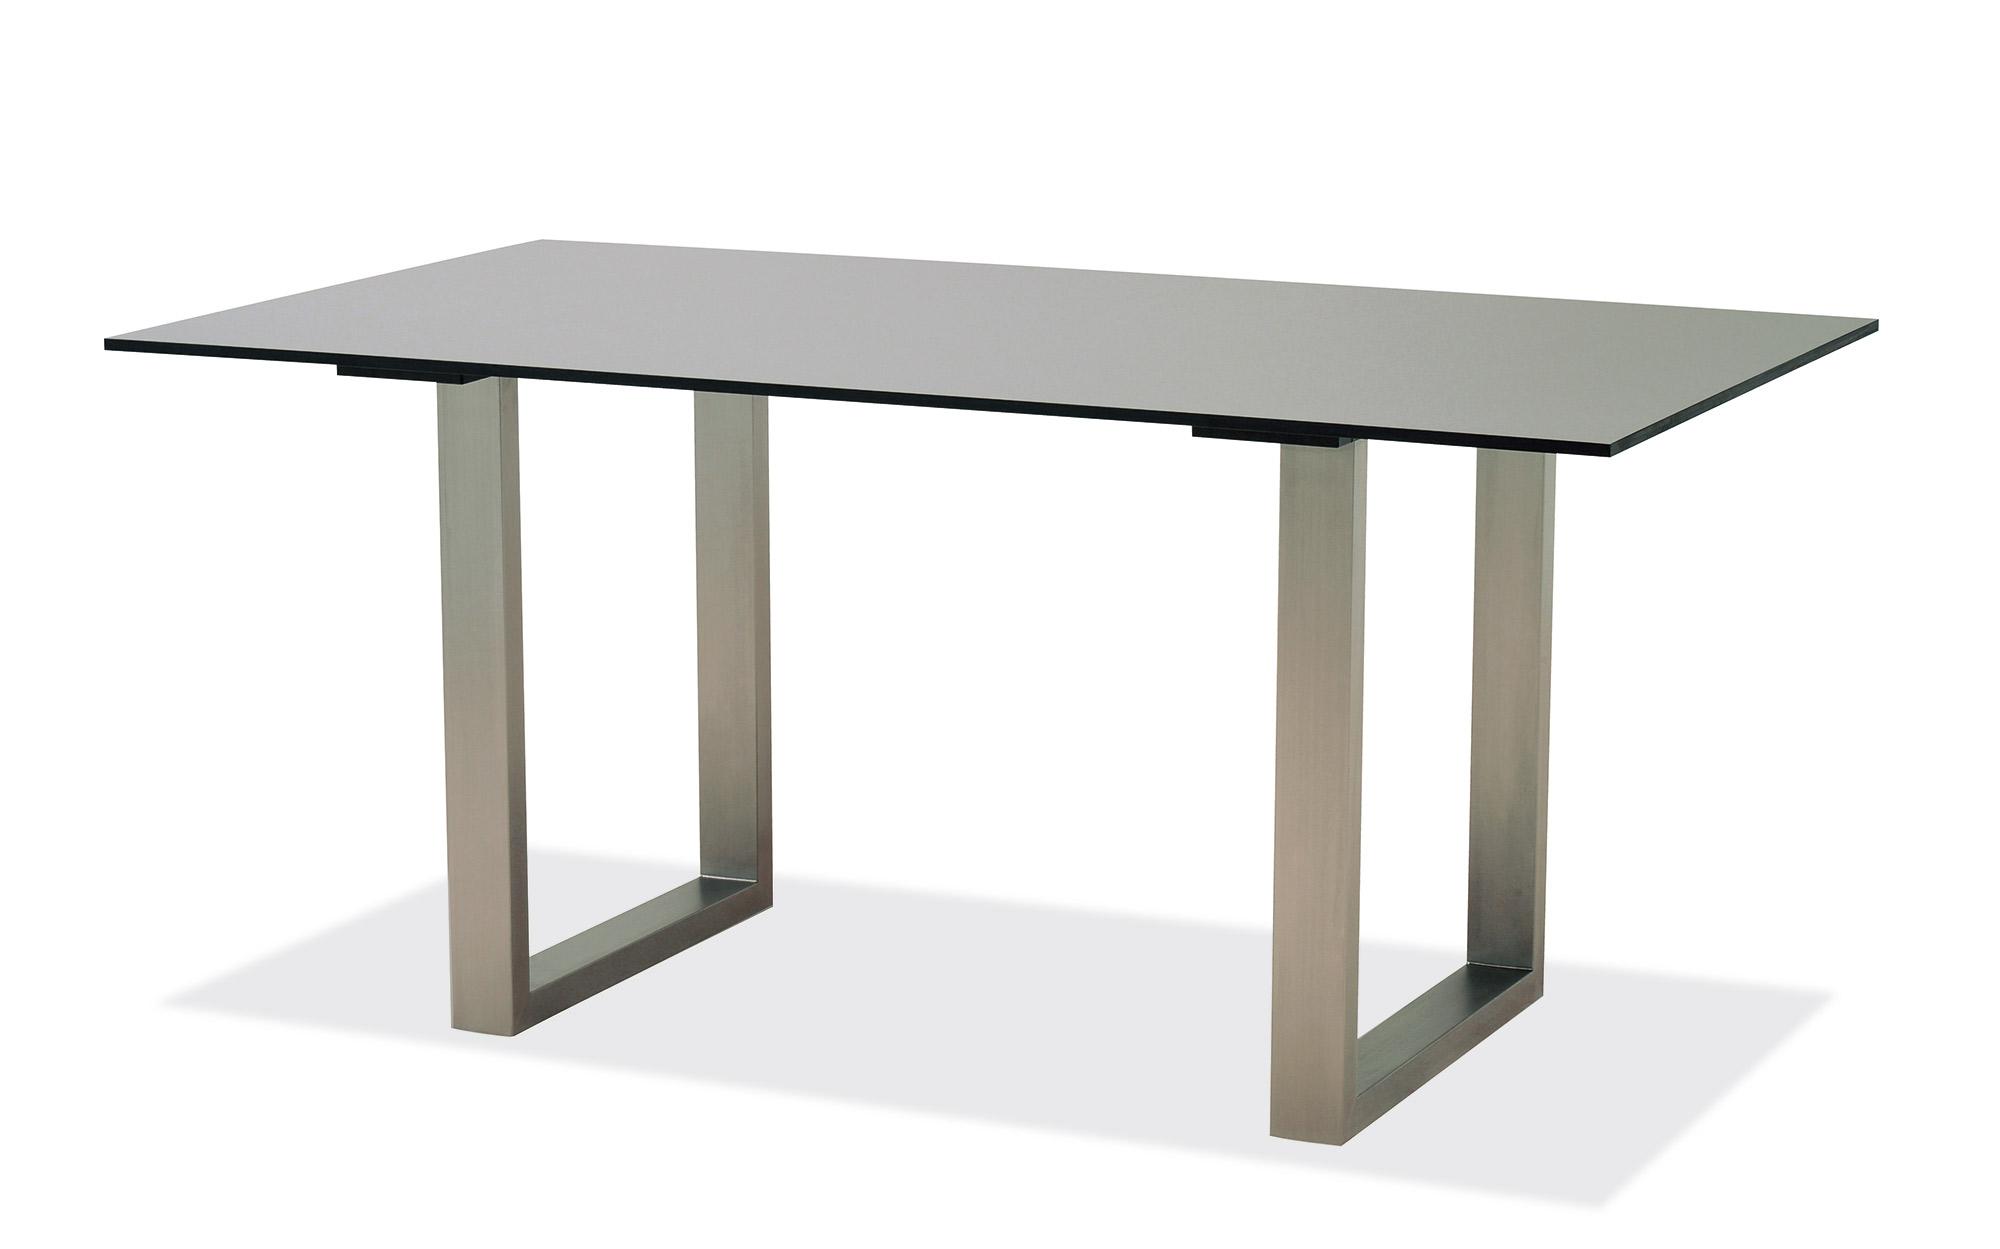 Tische | Forum-Gartenmöbel